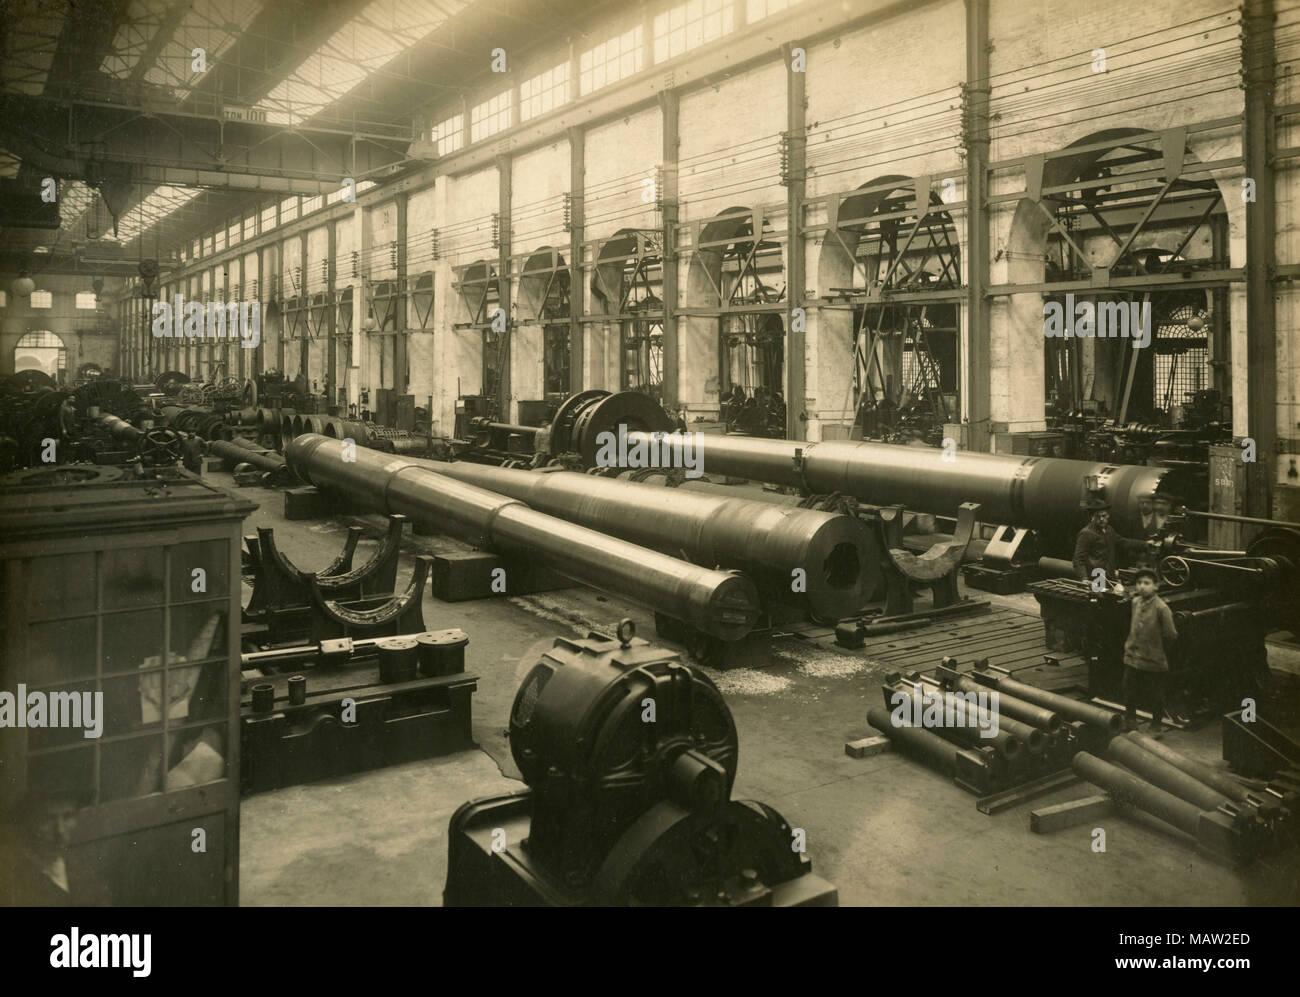 Cannons 381-40 in construction, Ansaldo Artiglierie, Italy 1917 - Stock Image